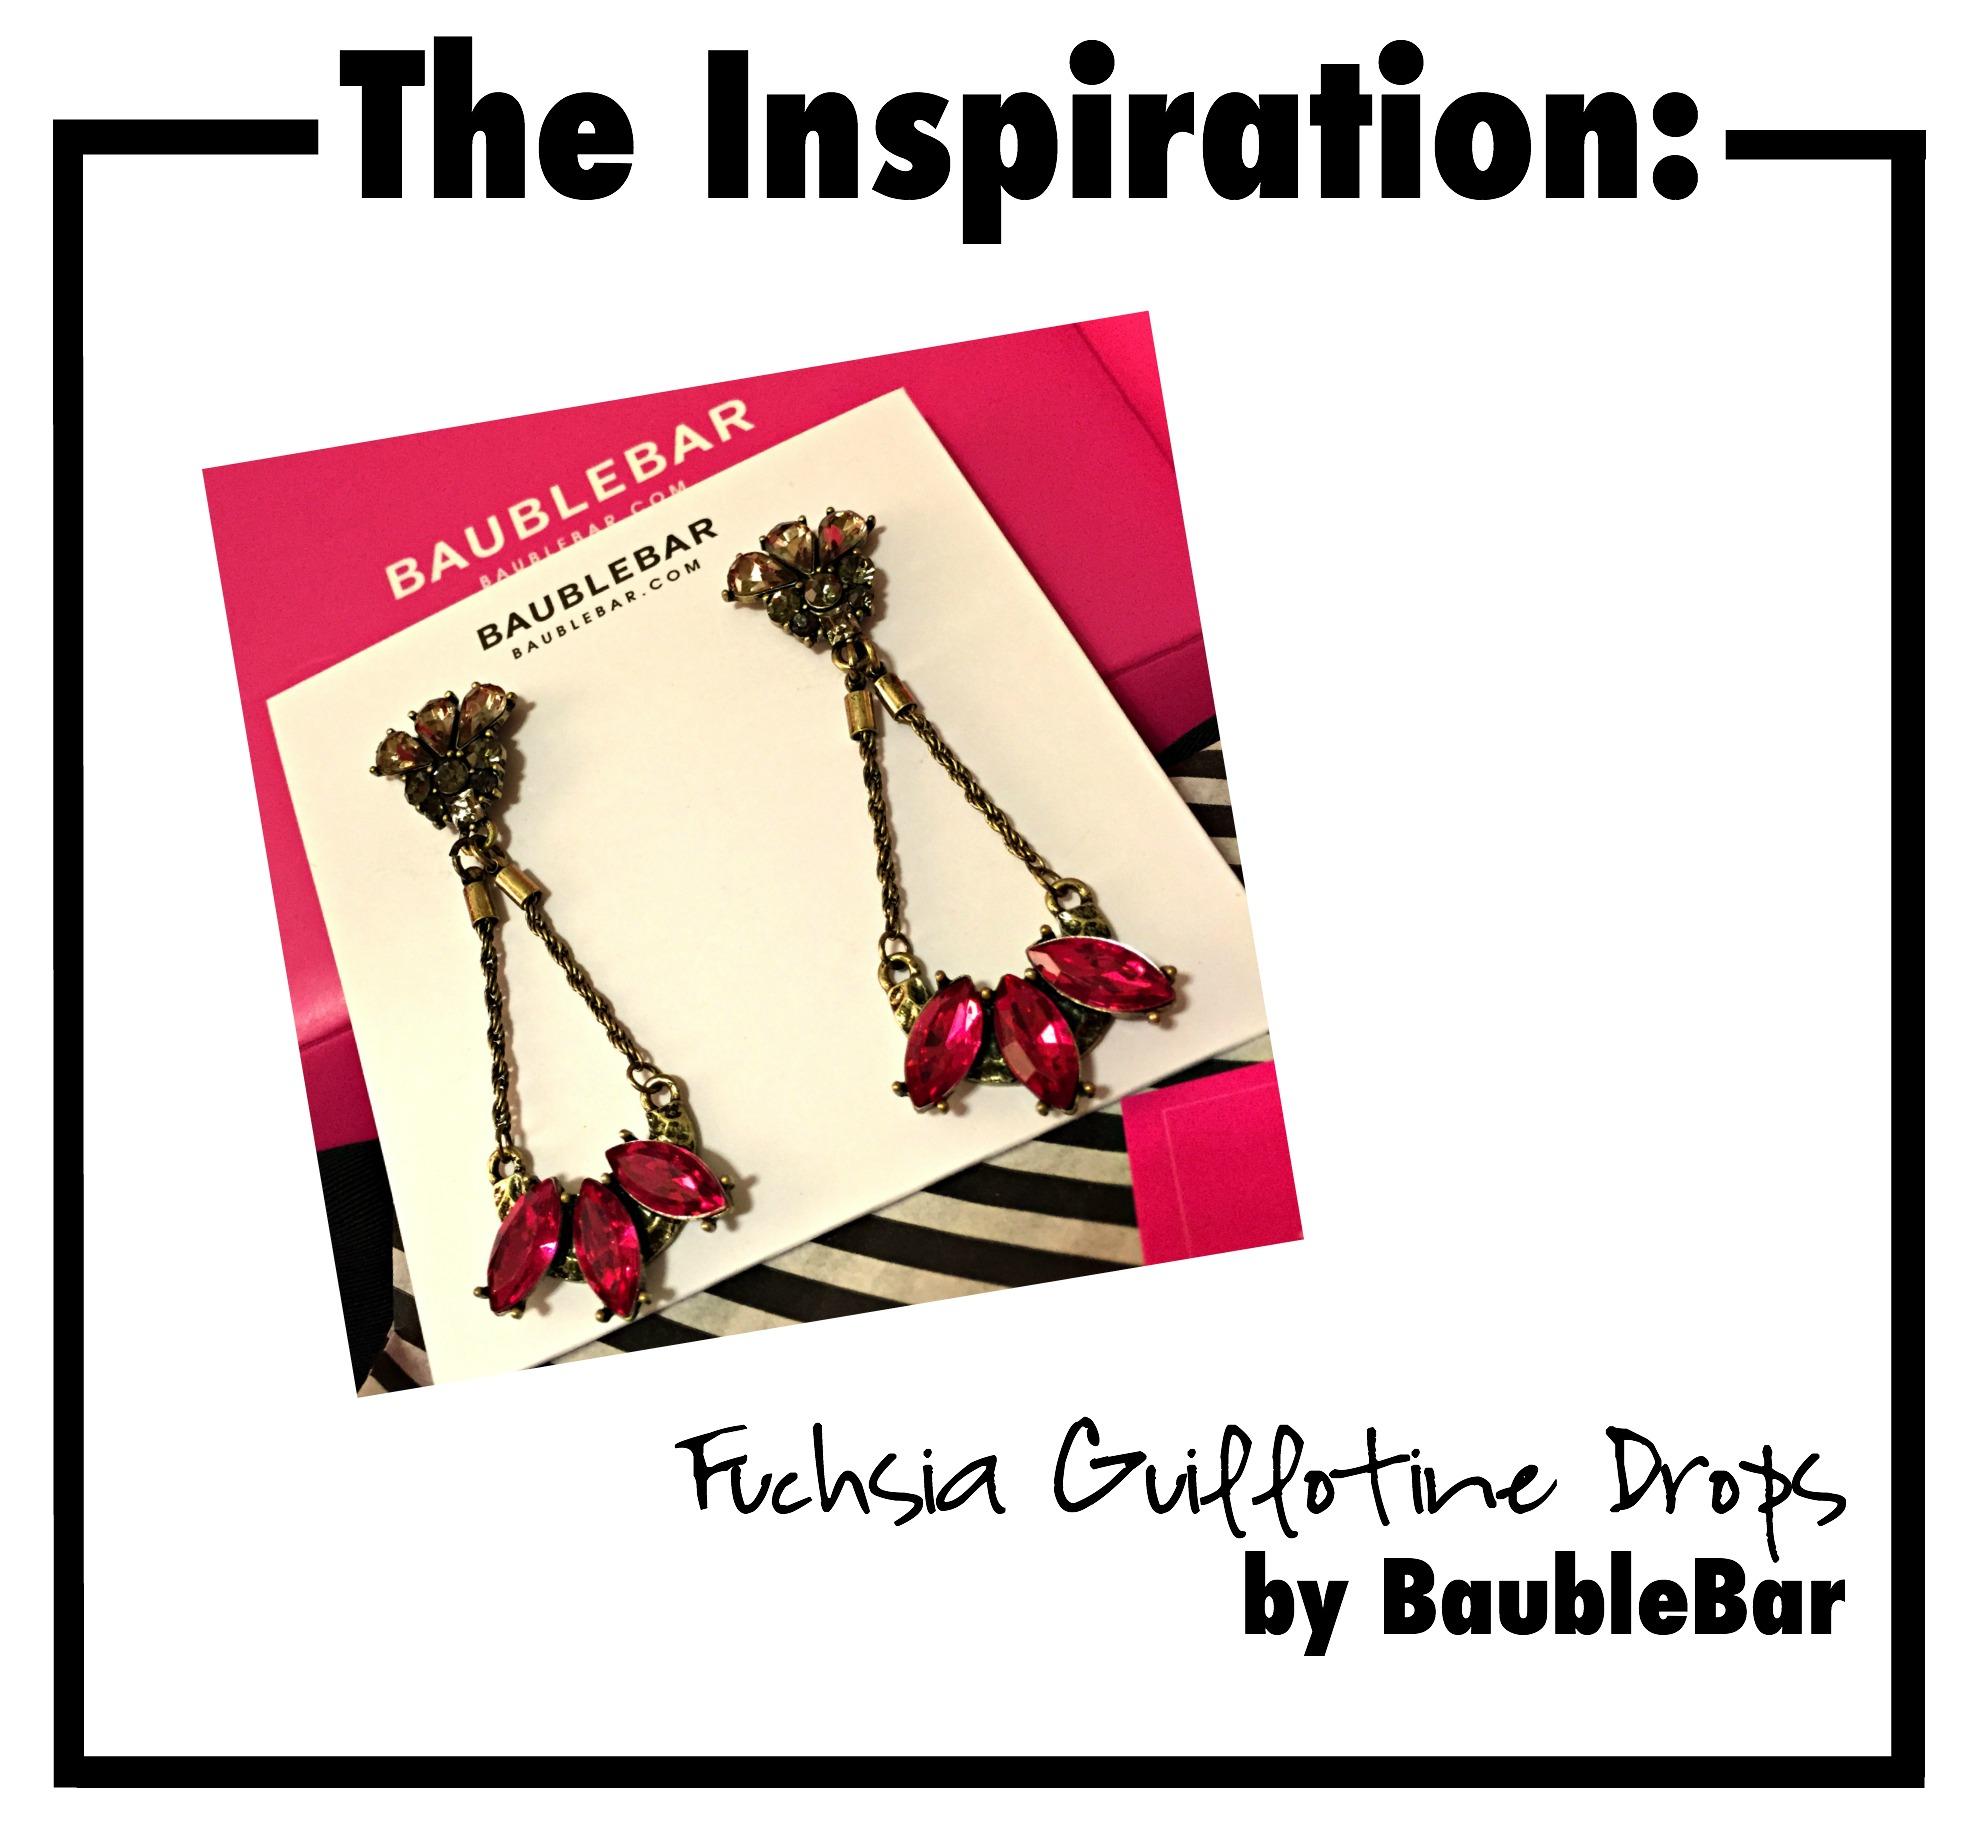 baublebar earrings, drop earrings, fuchsia earrings, statement earrings, great guy, bauble bar, fashion earrings